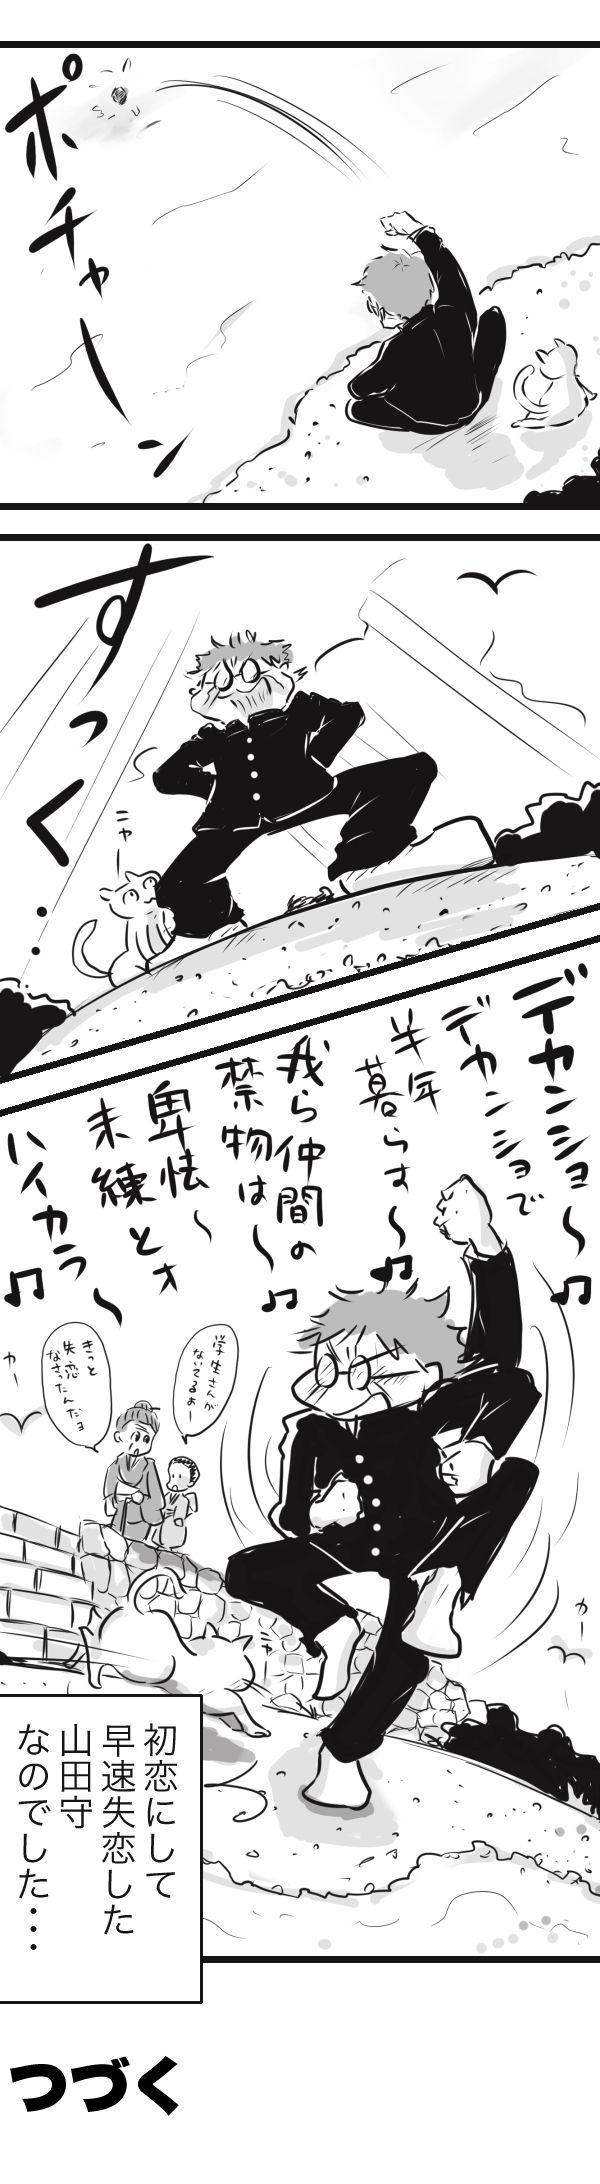 金沢9初恋−5−1